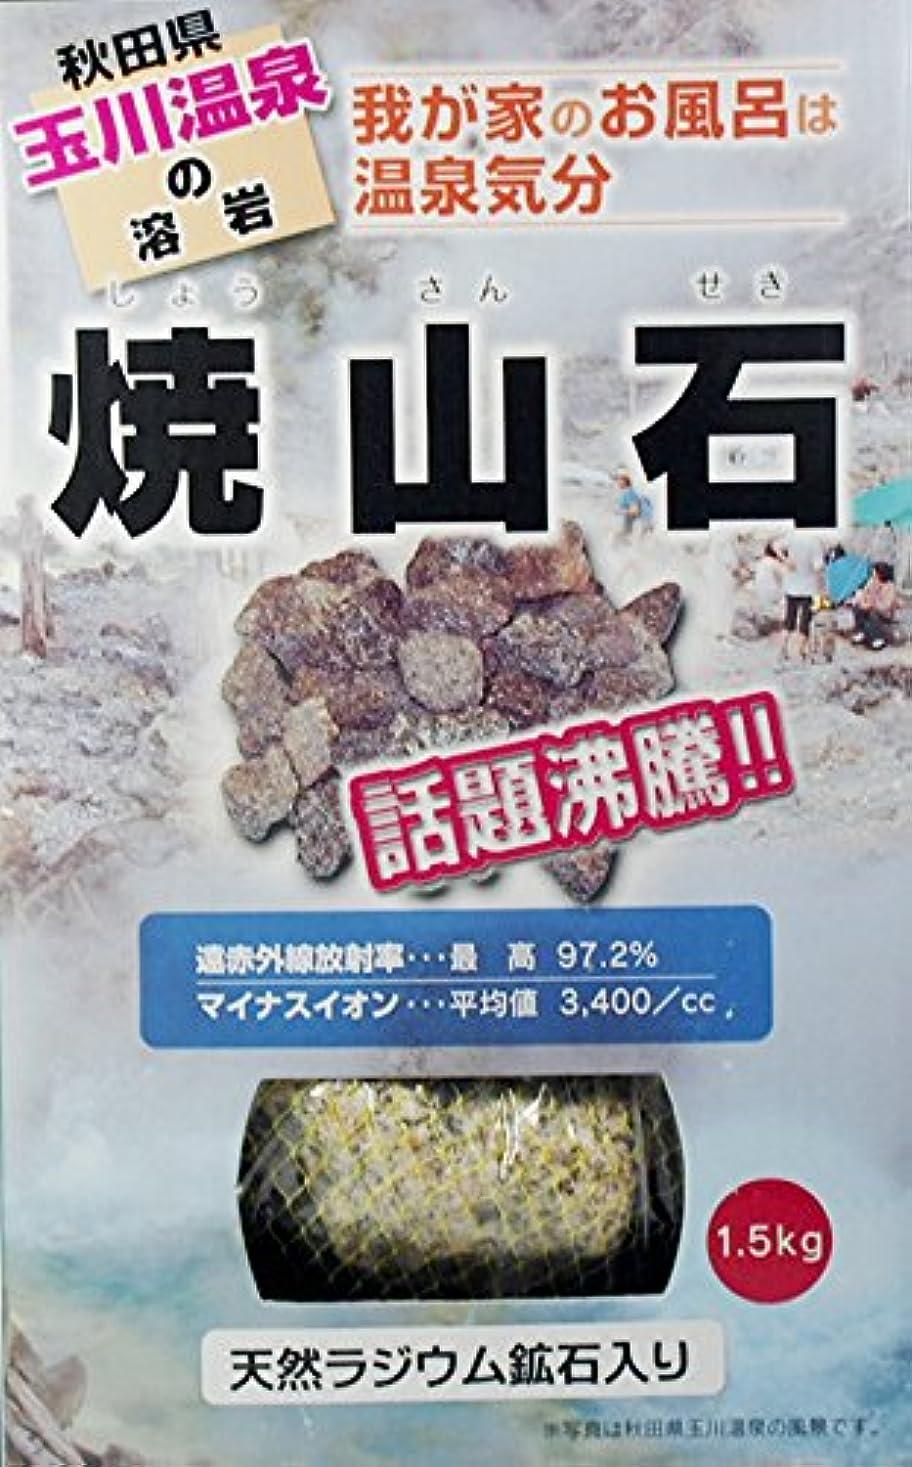 聞きますバイオリニストかける【秋田玉川温泉湧出の核、焼山の溶岩】焼山石1.5kg(国産ラジウム鉱石混入)【お風呂でポカポカに】